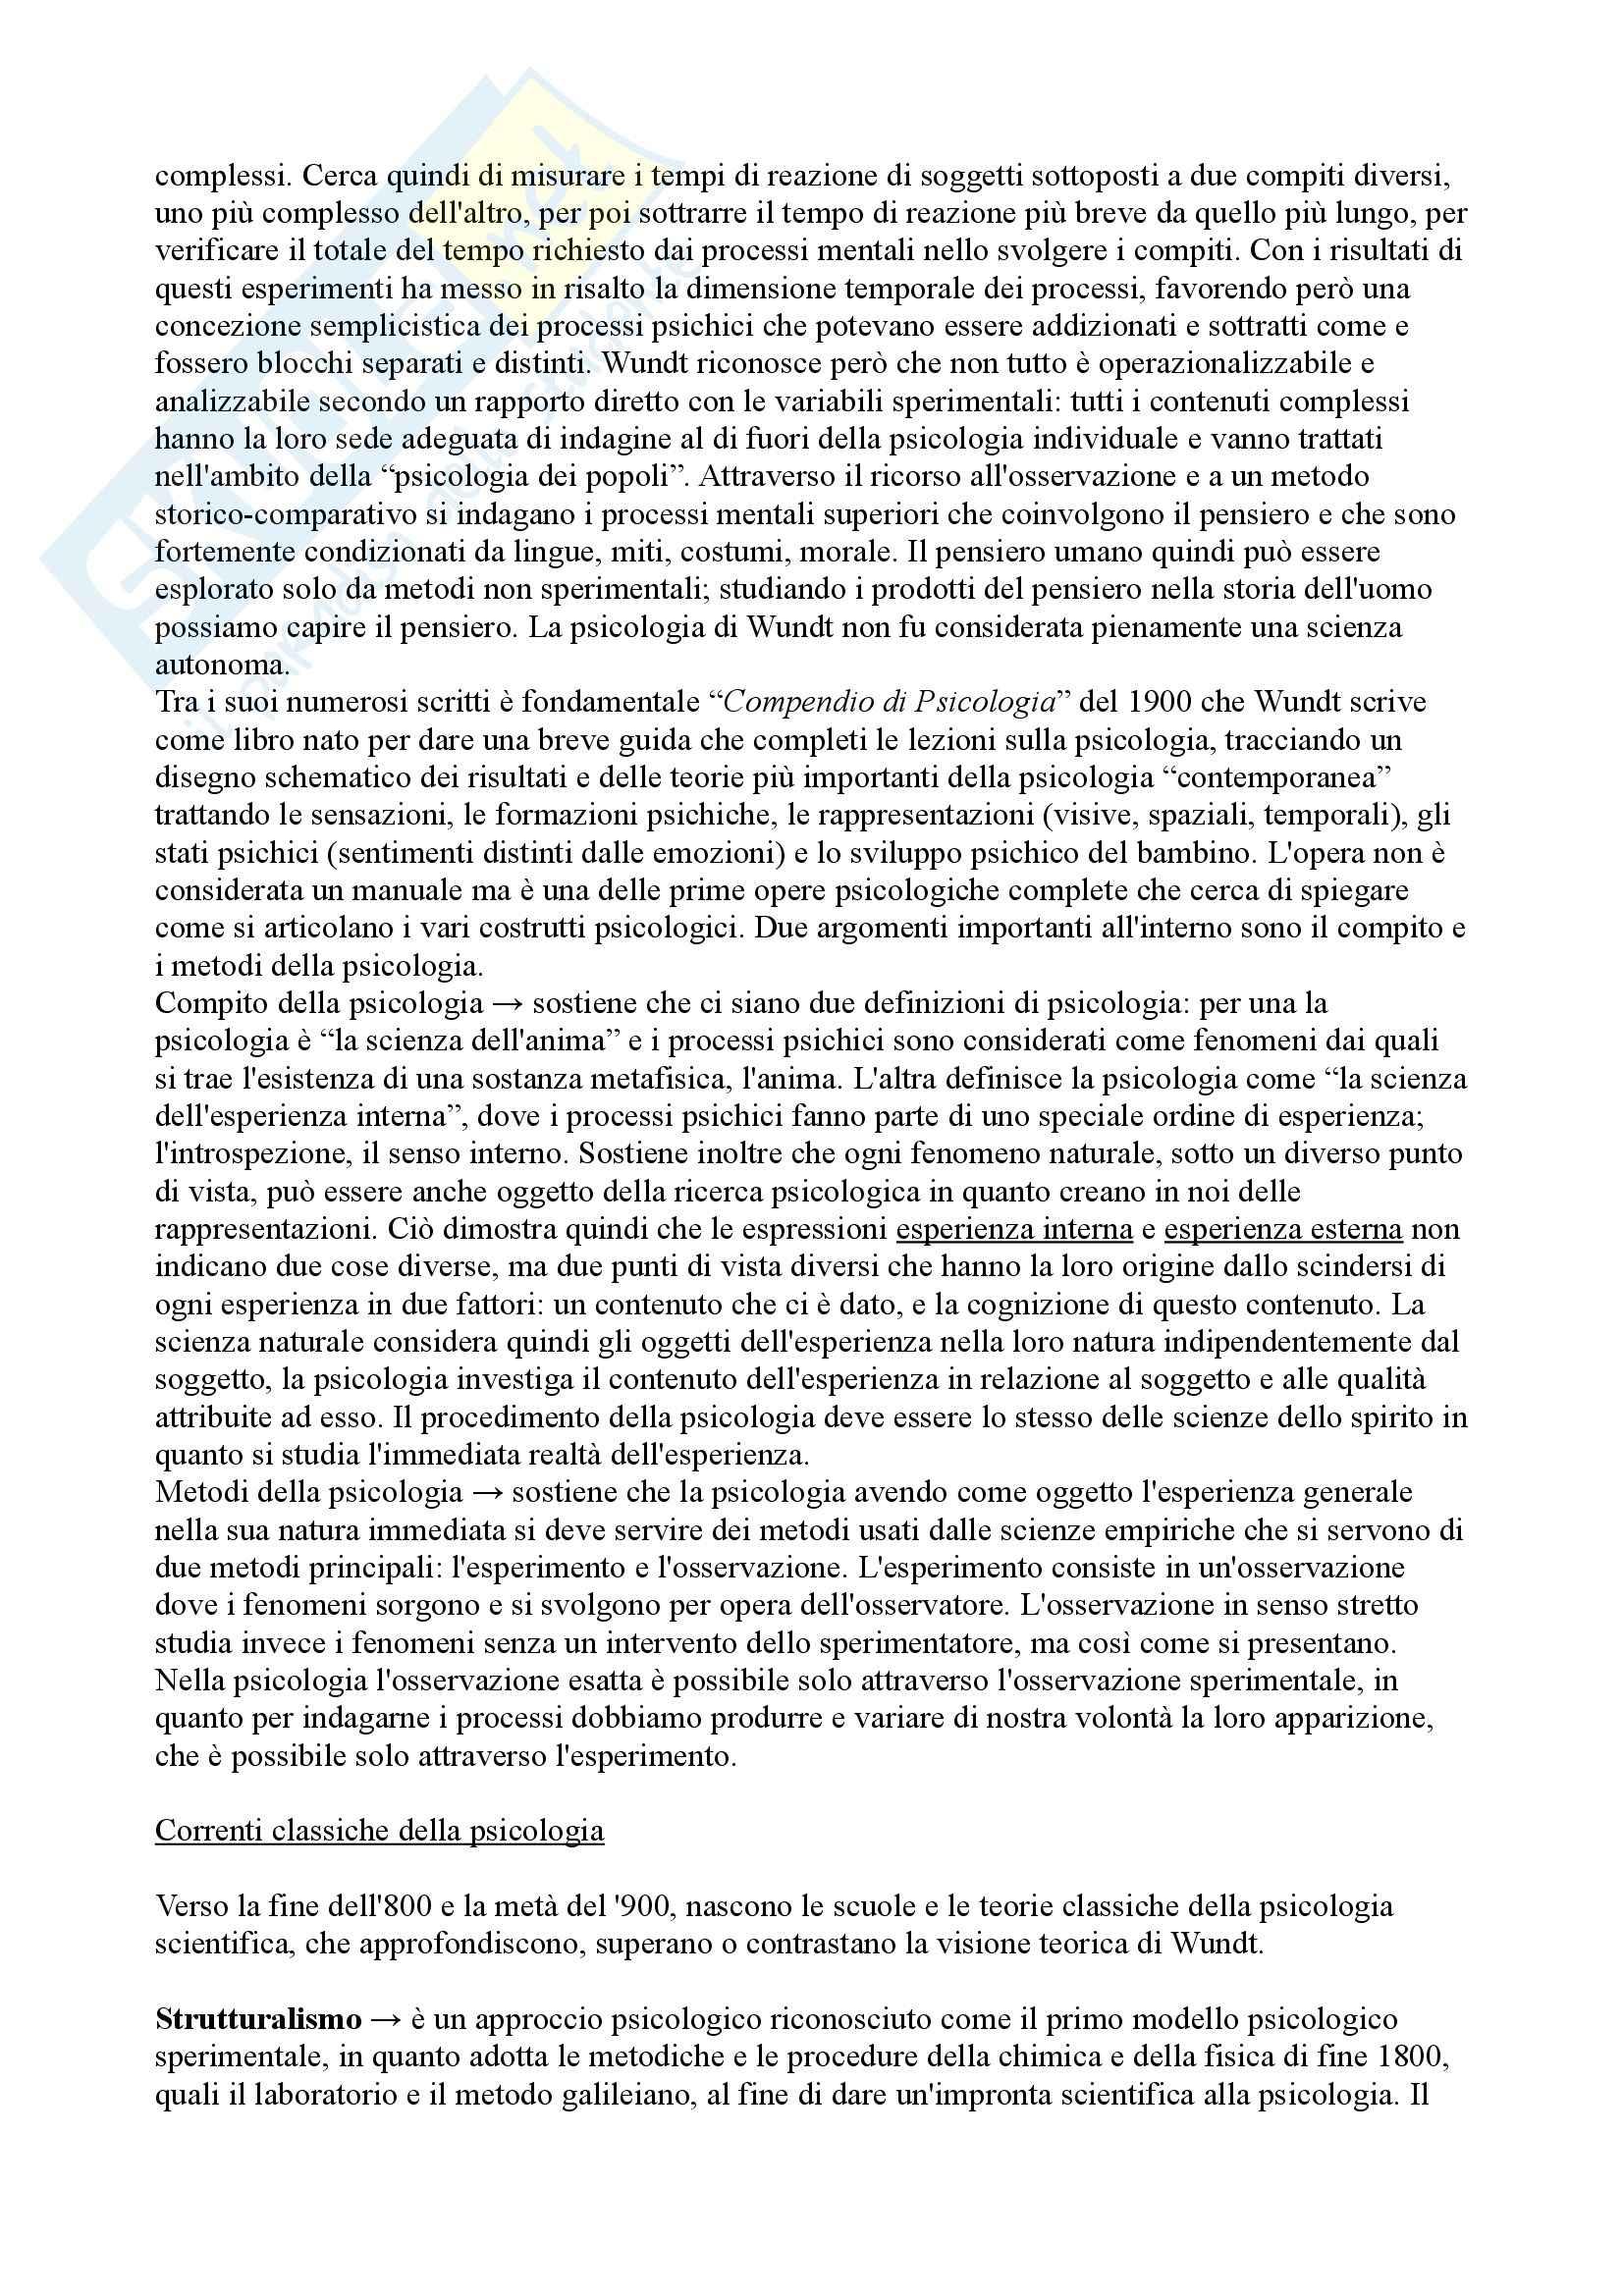 Riassunto esame Classici della psicologia, prof. Meneghetti Pag. 2